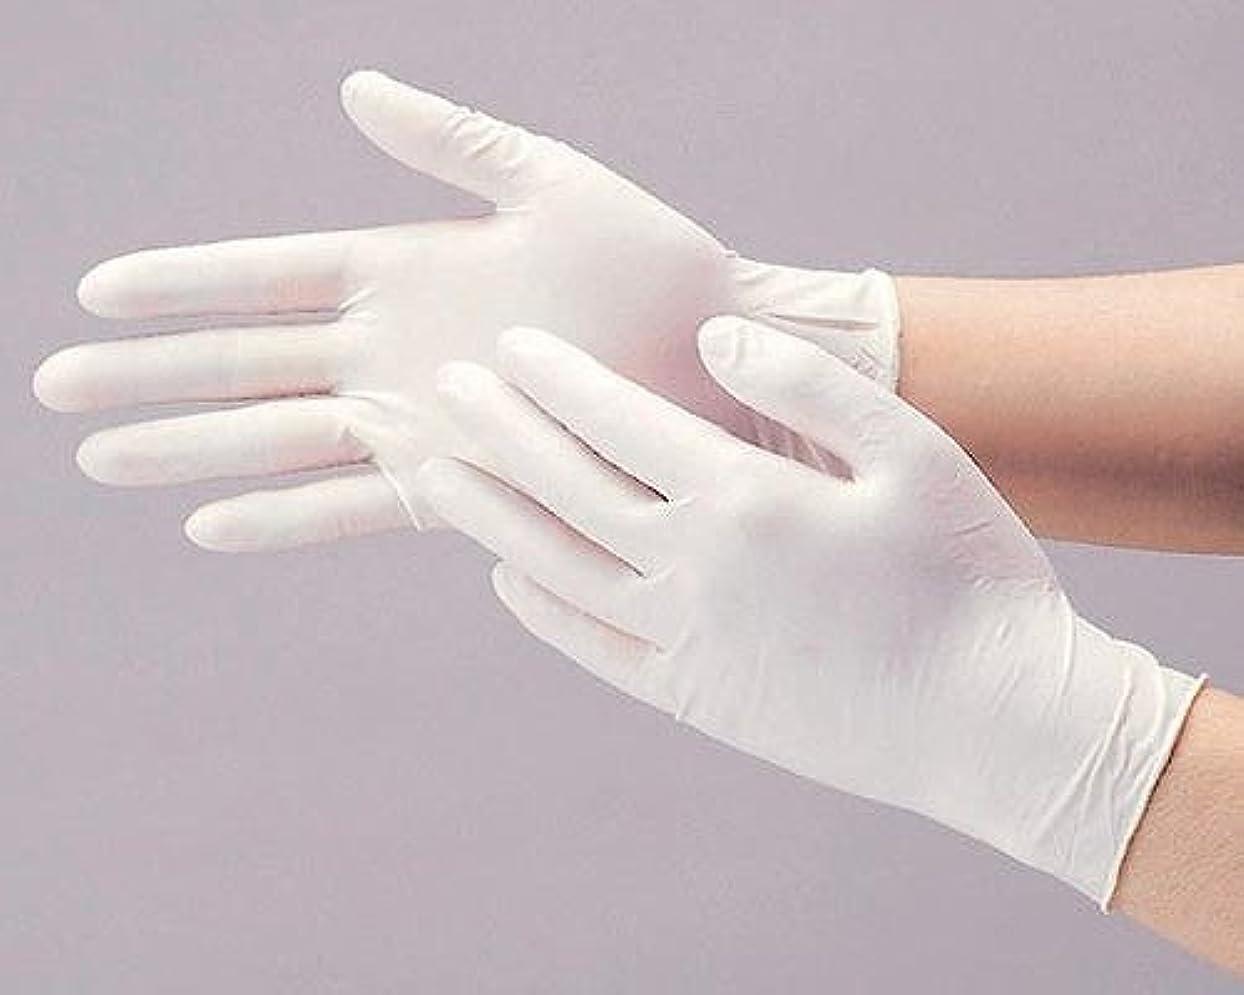 愛混合したブロックダンロップ N-211 天然ゴム極うす手袋100枚入 Sナチュラル N211SN